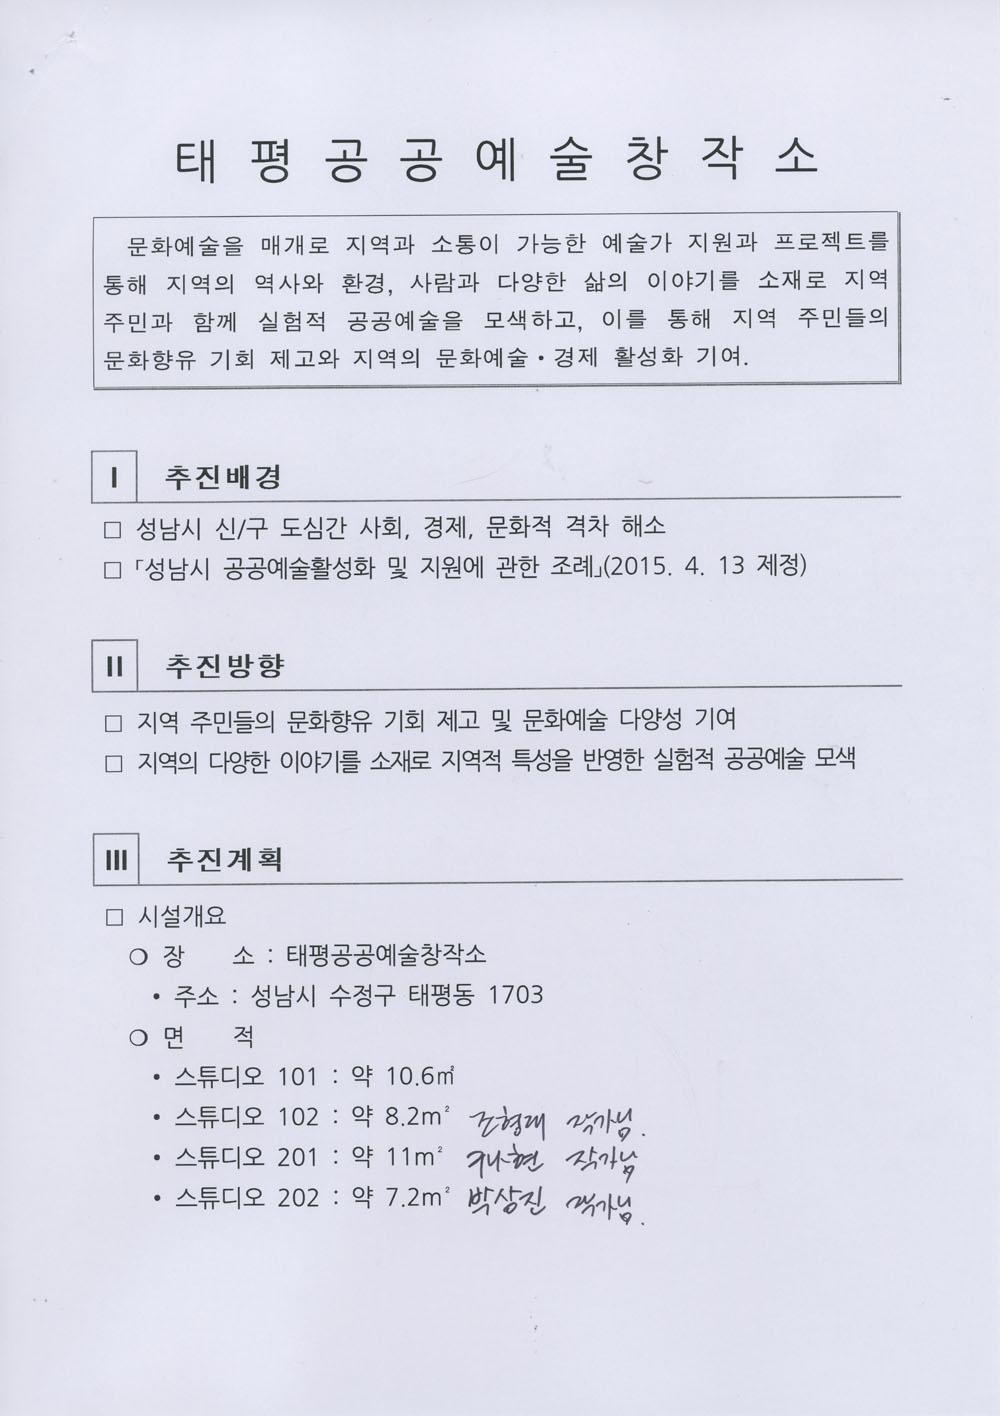 20171228_태평 공공예술 창작소 사업소개_페이지_1.jpg